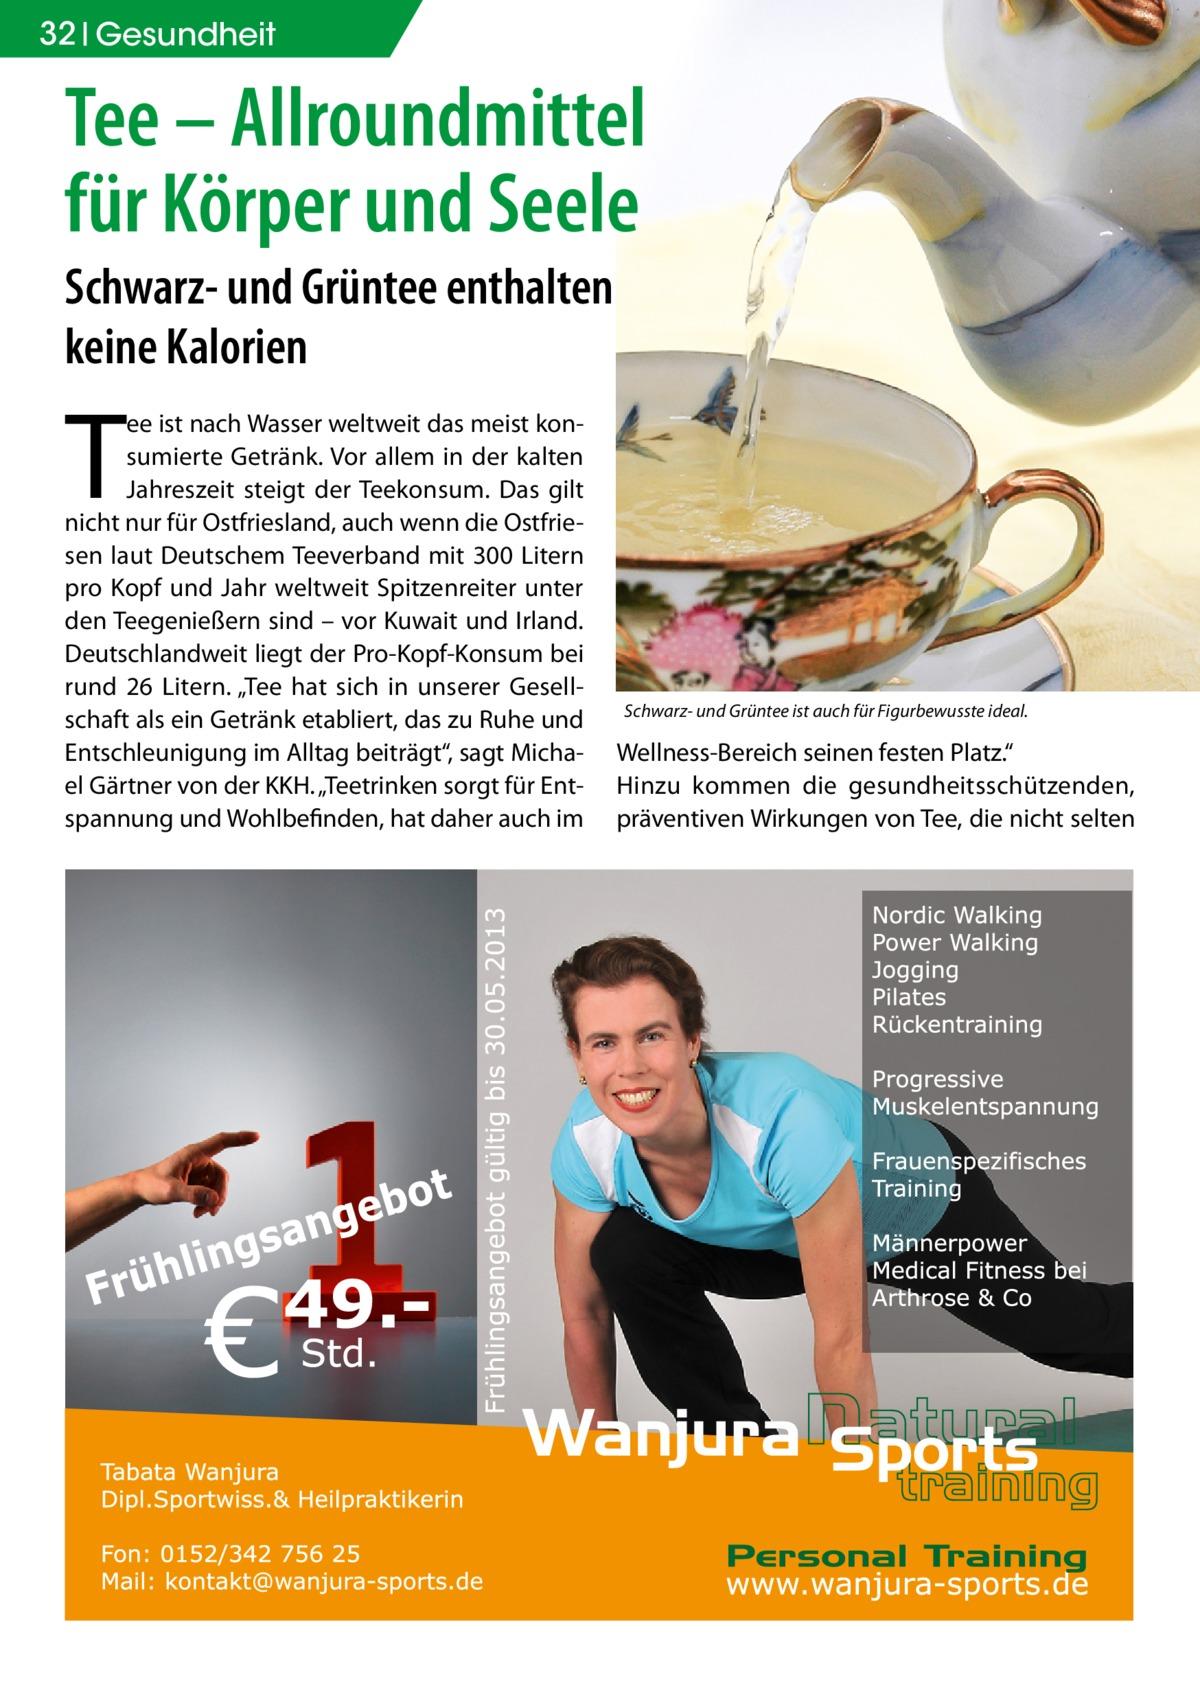 """32 Gesundheit  Tee – Allroundmittel für Körper und Seele Schwarz- und Grüntee enthalten keine Kalorien  T  ee ist nach Wasser weltweit das meist konsumierte Getränk. Vor allem in der kalten Jahreszeit steigt der Teekonsum. Das gilt nicht nur für Ostfriesland, auch wenn die Ostfriesen laut Deutschem Teeverband mit 300 Litern pro Kopf und Jahr weltweit Spitzenreiter unter den Teegenießern sind – vor Kuwait und Irland. Deutschlandweit liegt der Pro-Kopf-Konsum bei rund 26 Litern. """"Tee hat sich in unserer Gesellschaft als ein Getränk etabliert, das zu Ruhe und Entschleunigung im Alltag beiträgt"""", sagt Michael Gärtner von der KKH. """"Teetrinken sorgt für Entspannung und Wohlbefinden, hat daher auch im  Schwarz- und Grüntee ist auch für Figurbewusste ideal.  Wellness-Bereich seinen festen Platz."""" Hinzu kommen die gesundheitsschützenden, präventiven Wirkungen von Tee, die nicht selten"""